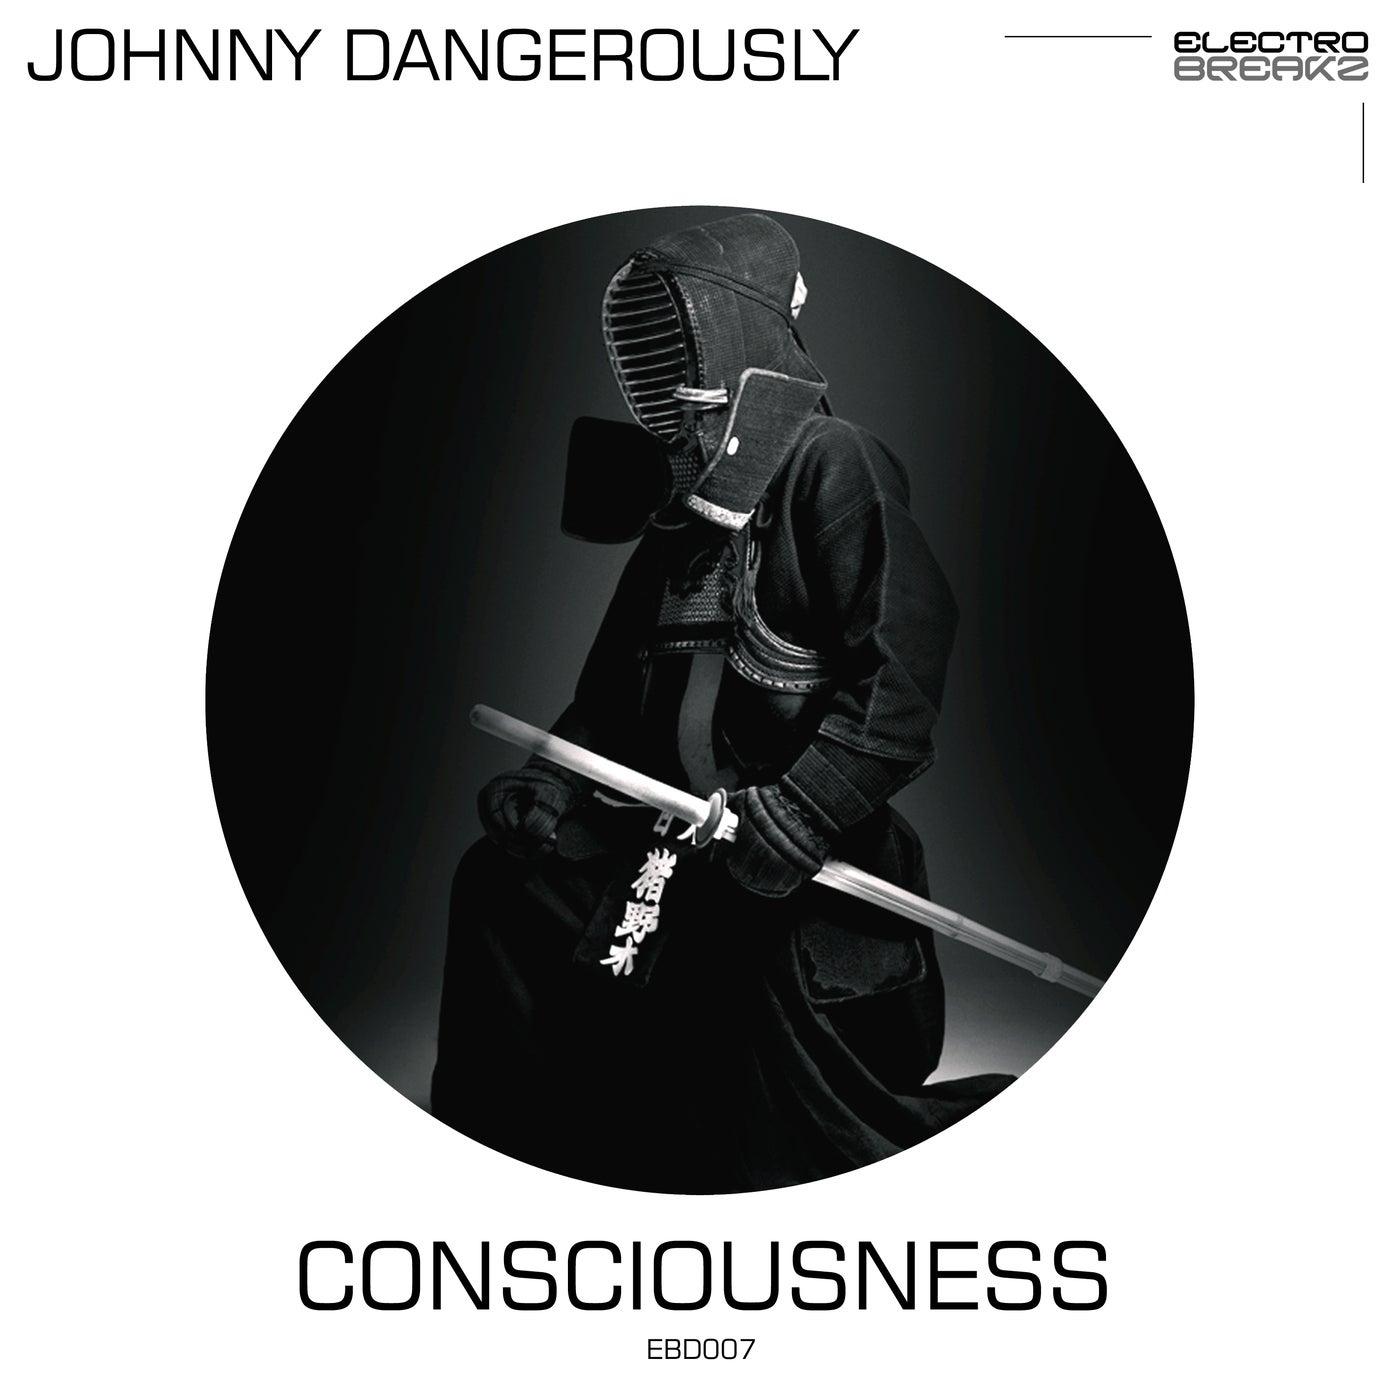 Consciousness (Original Mix)